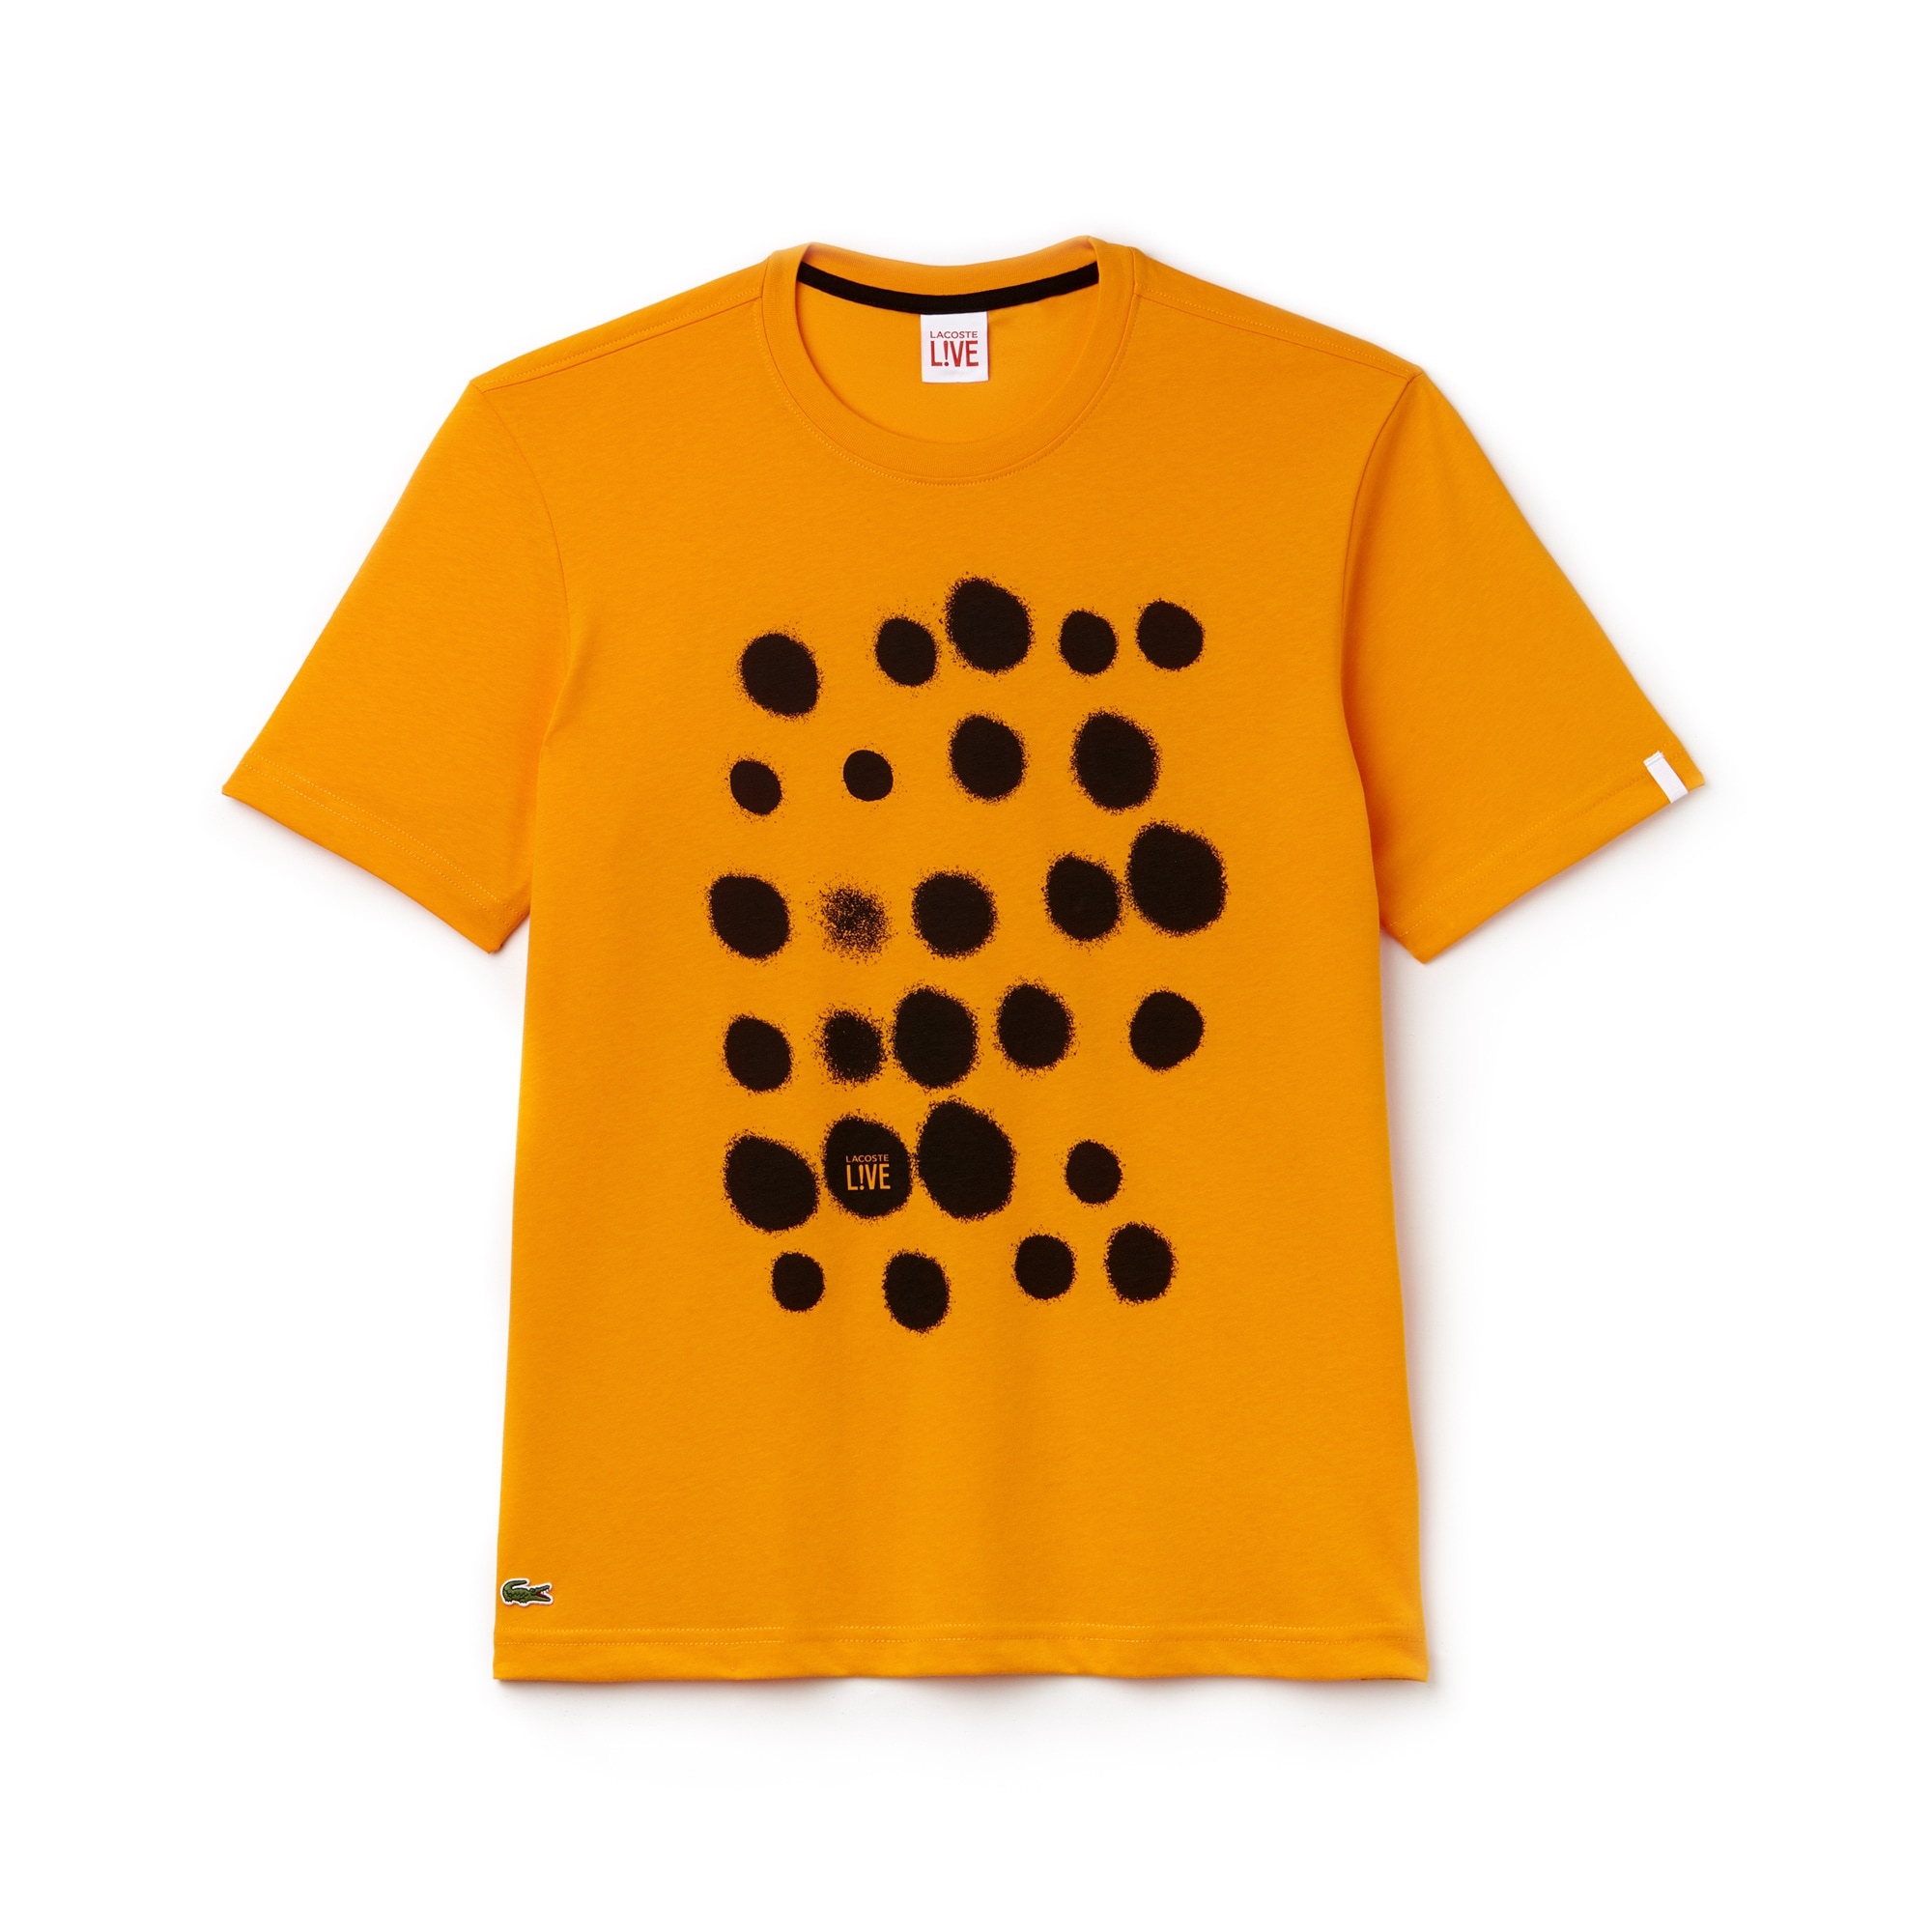 Camiseta de cuello redondo Lacoste LIVE de punto con estampado de manchas